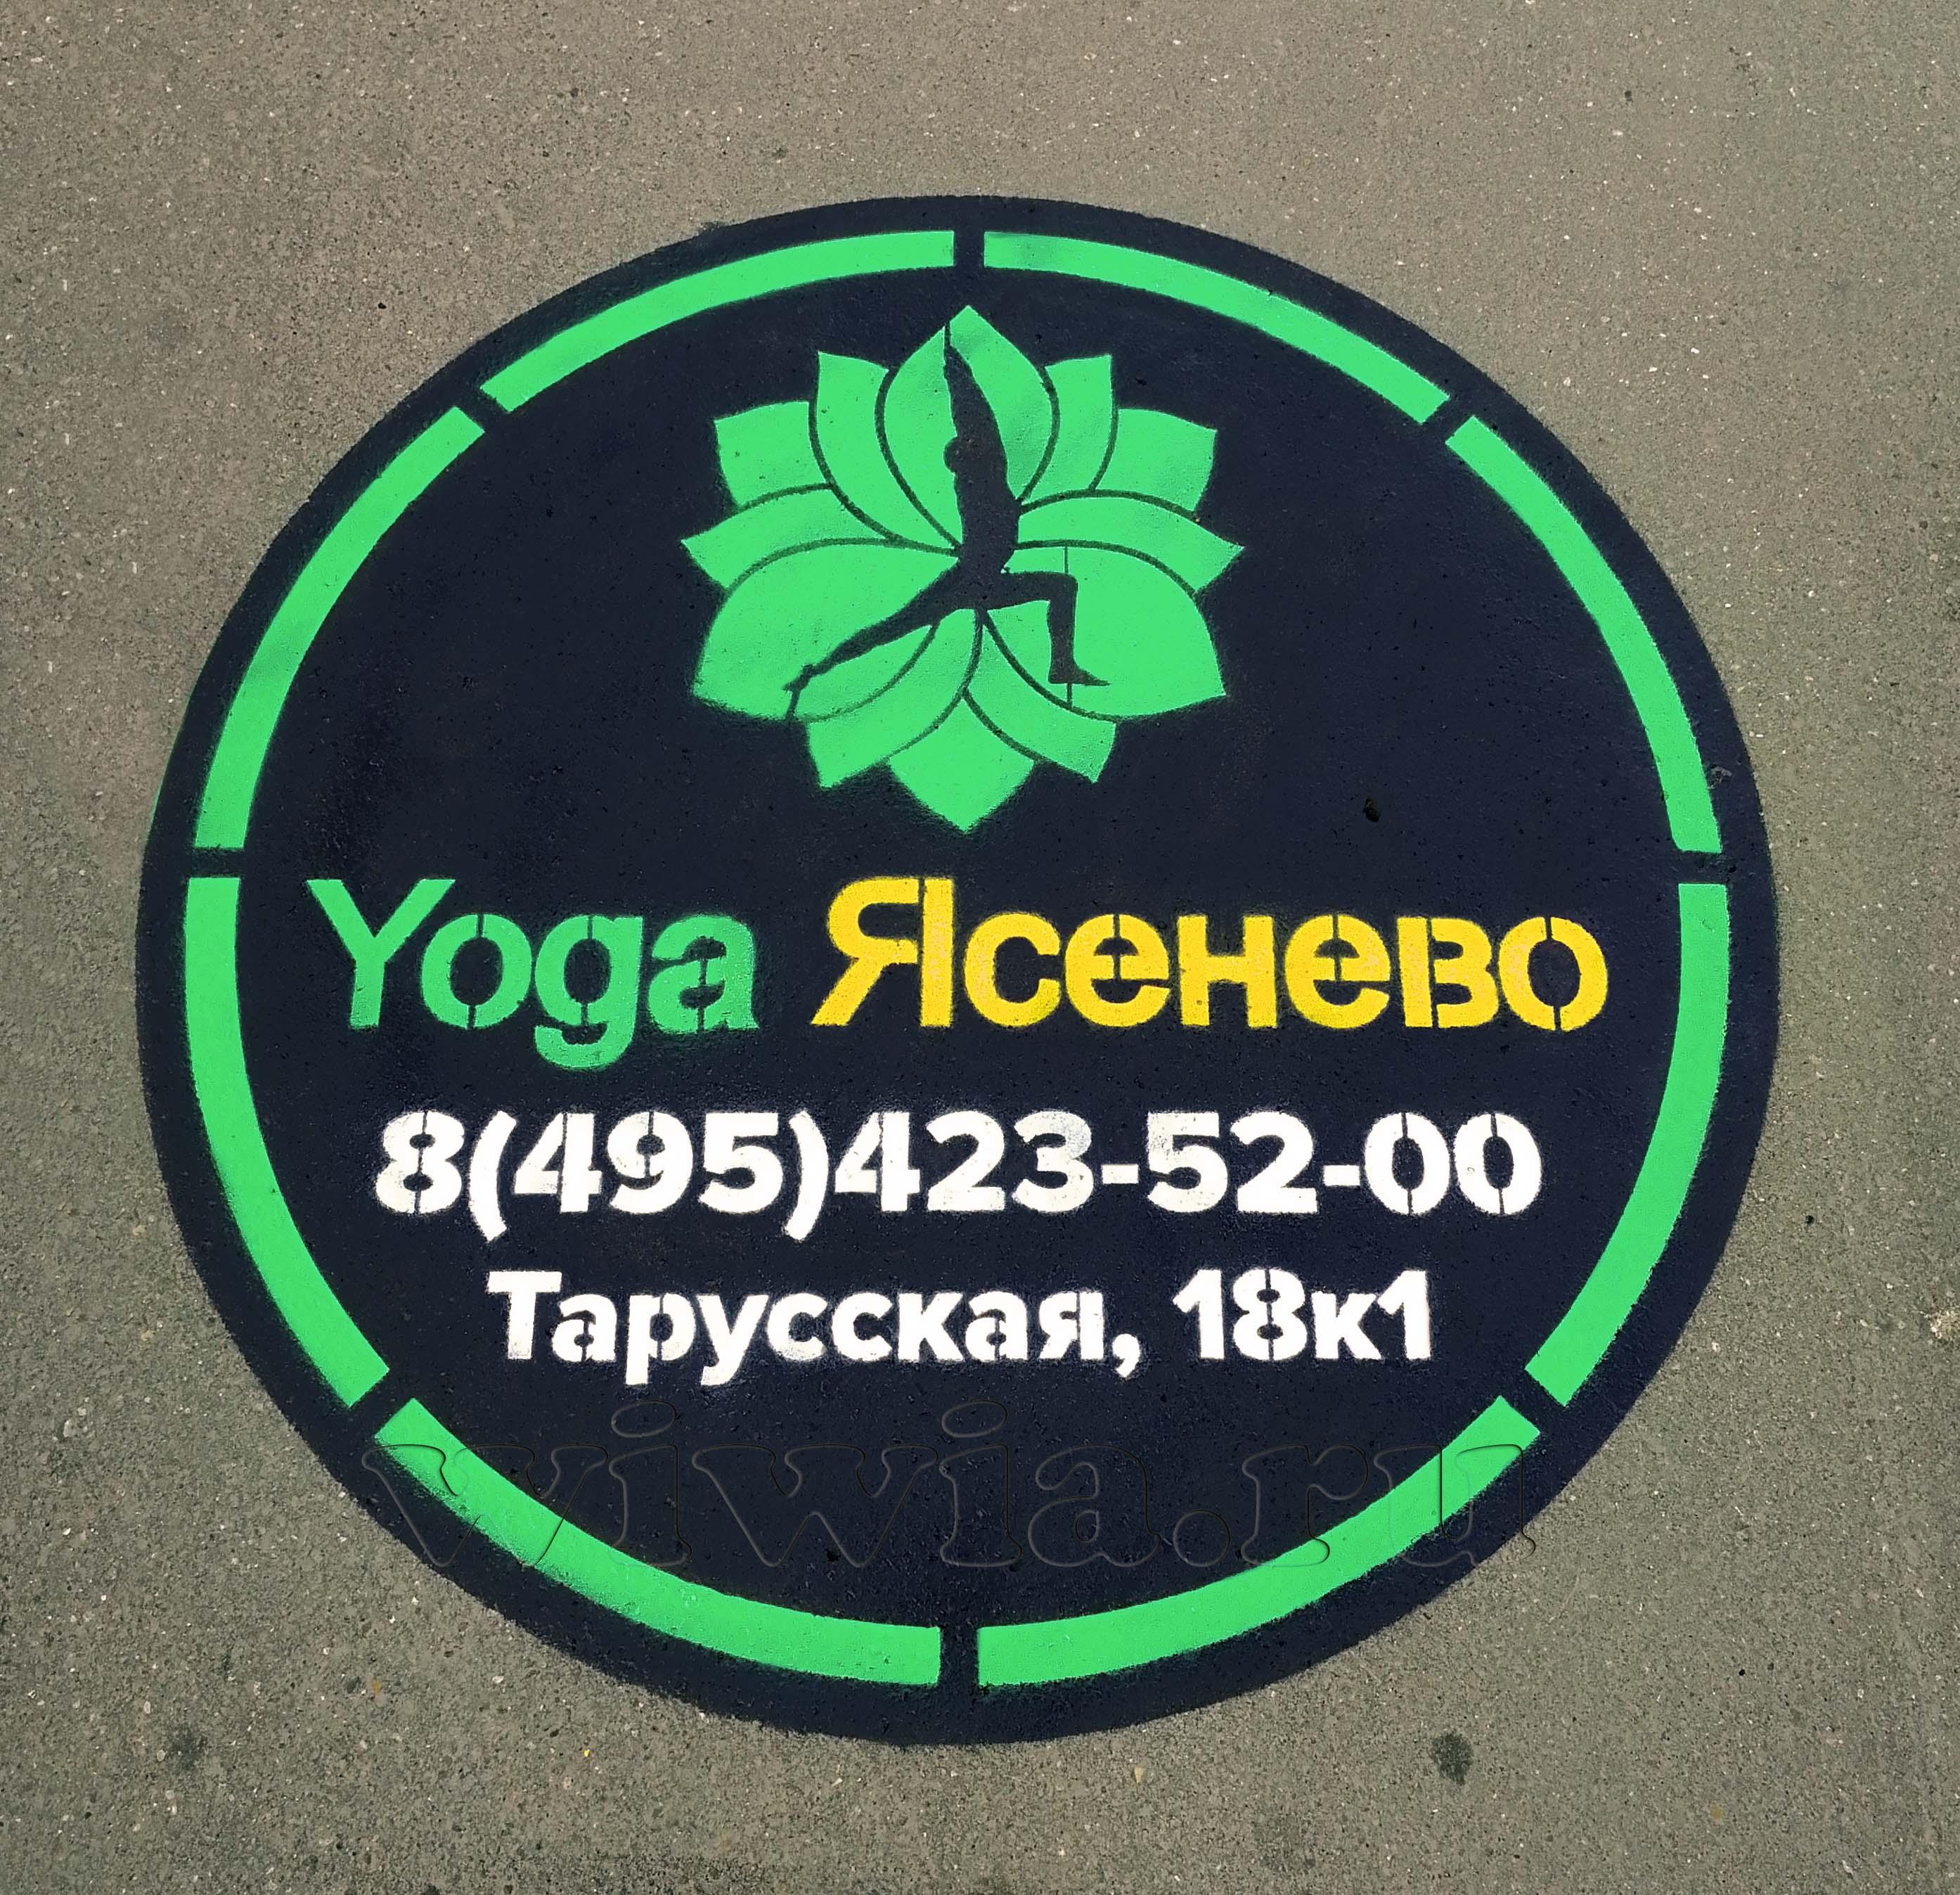 Реклама на асфальте. Цент йоги.